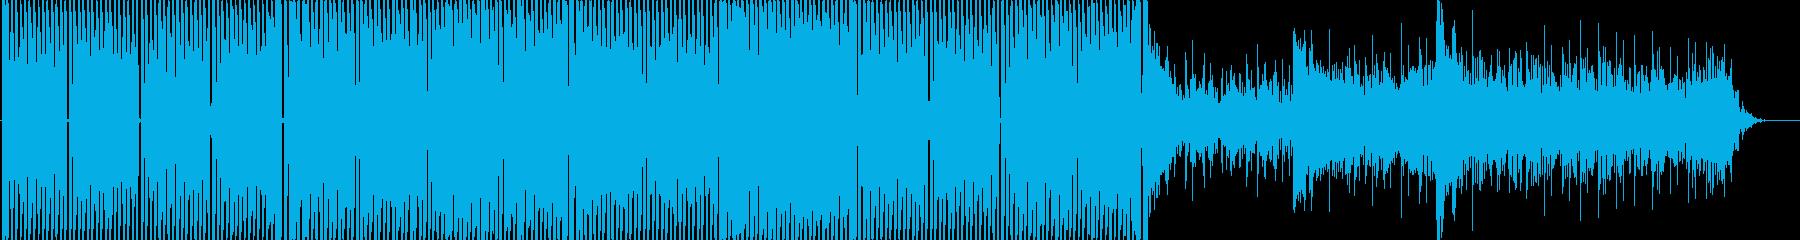 疾走感ある四つ打ちエレクトロの再生済みの波形